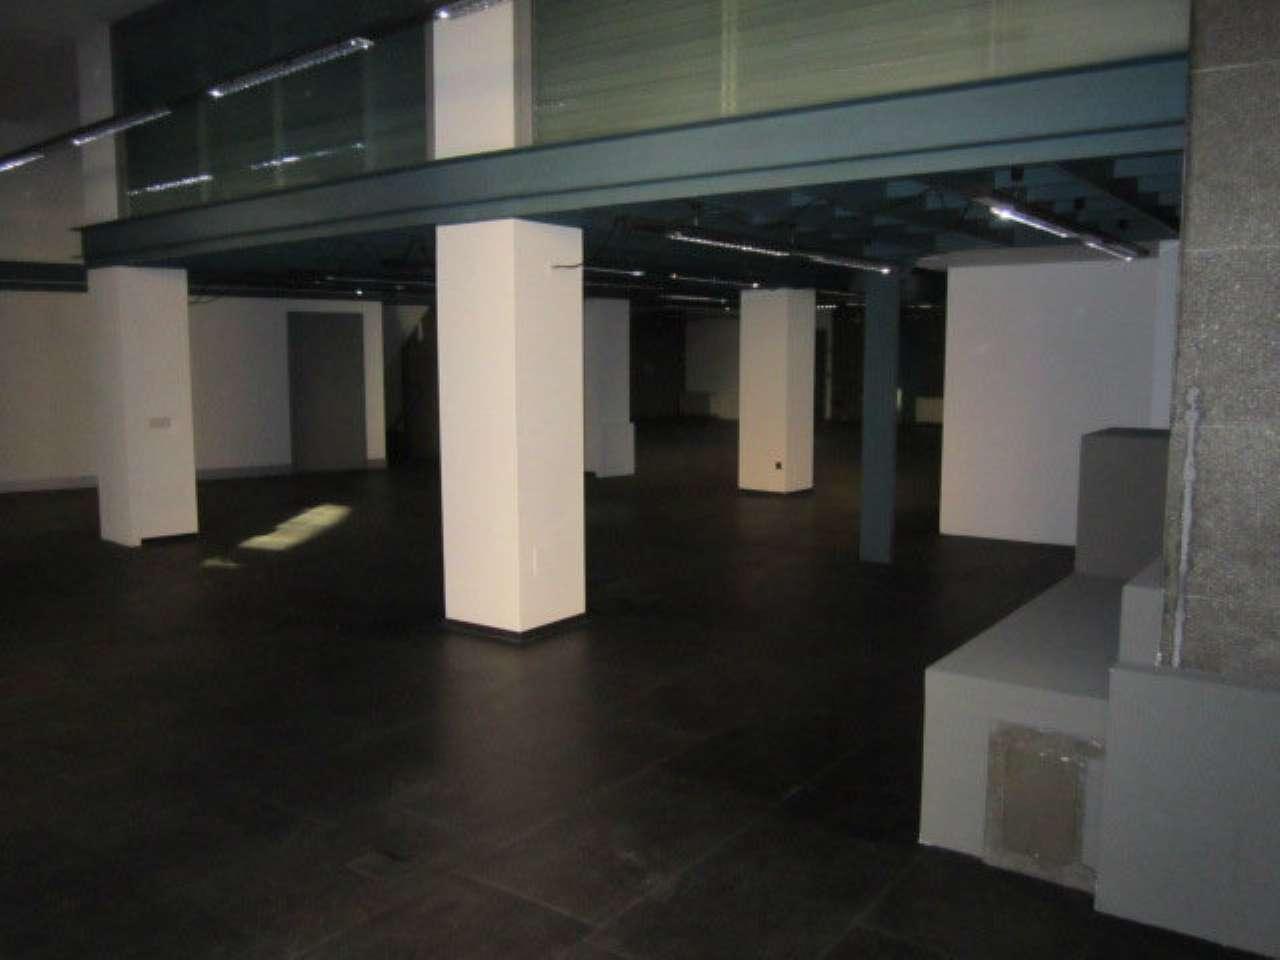 Centro storico - Ampio negozio con più vetrine fronte strada e cortile esclusivo, foto 13